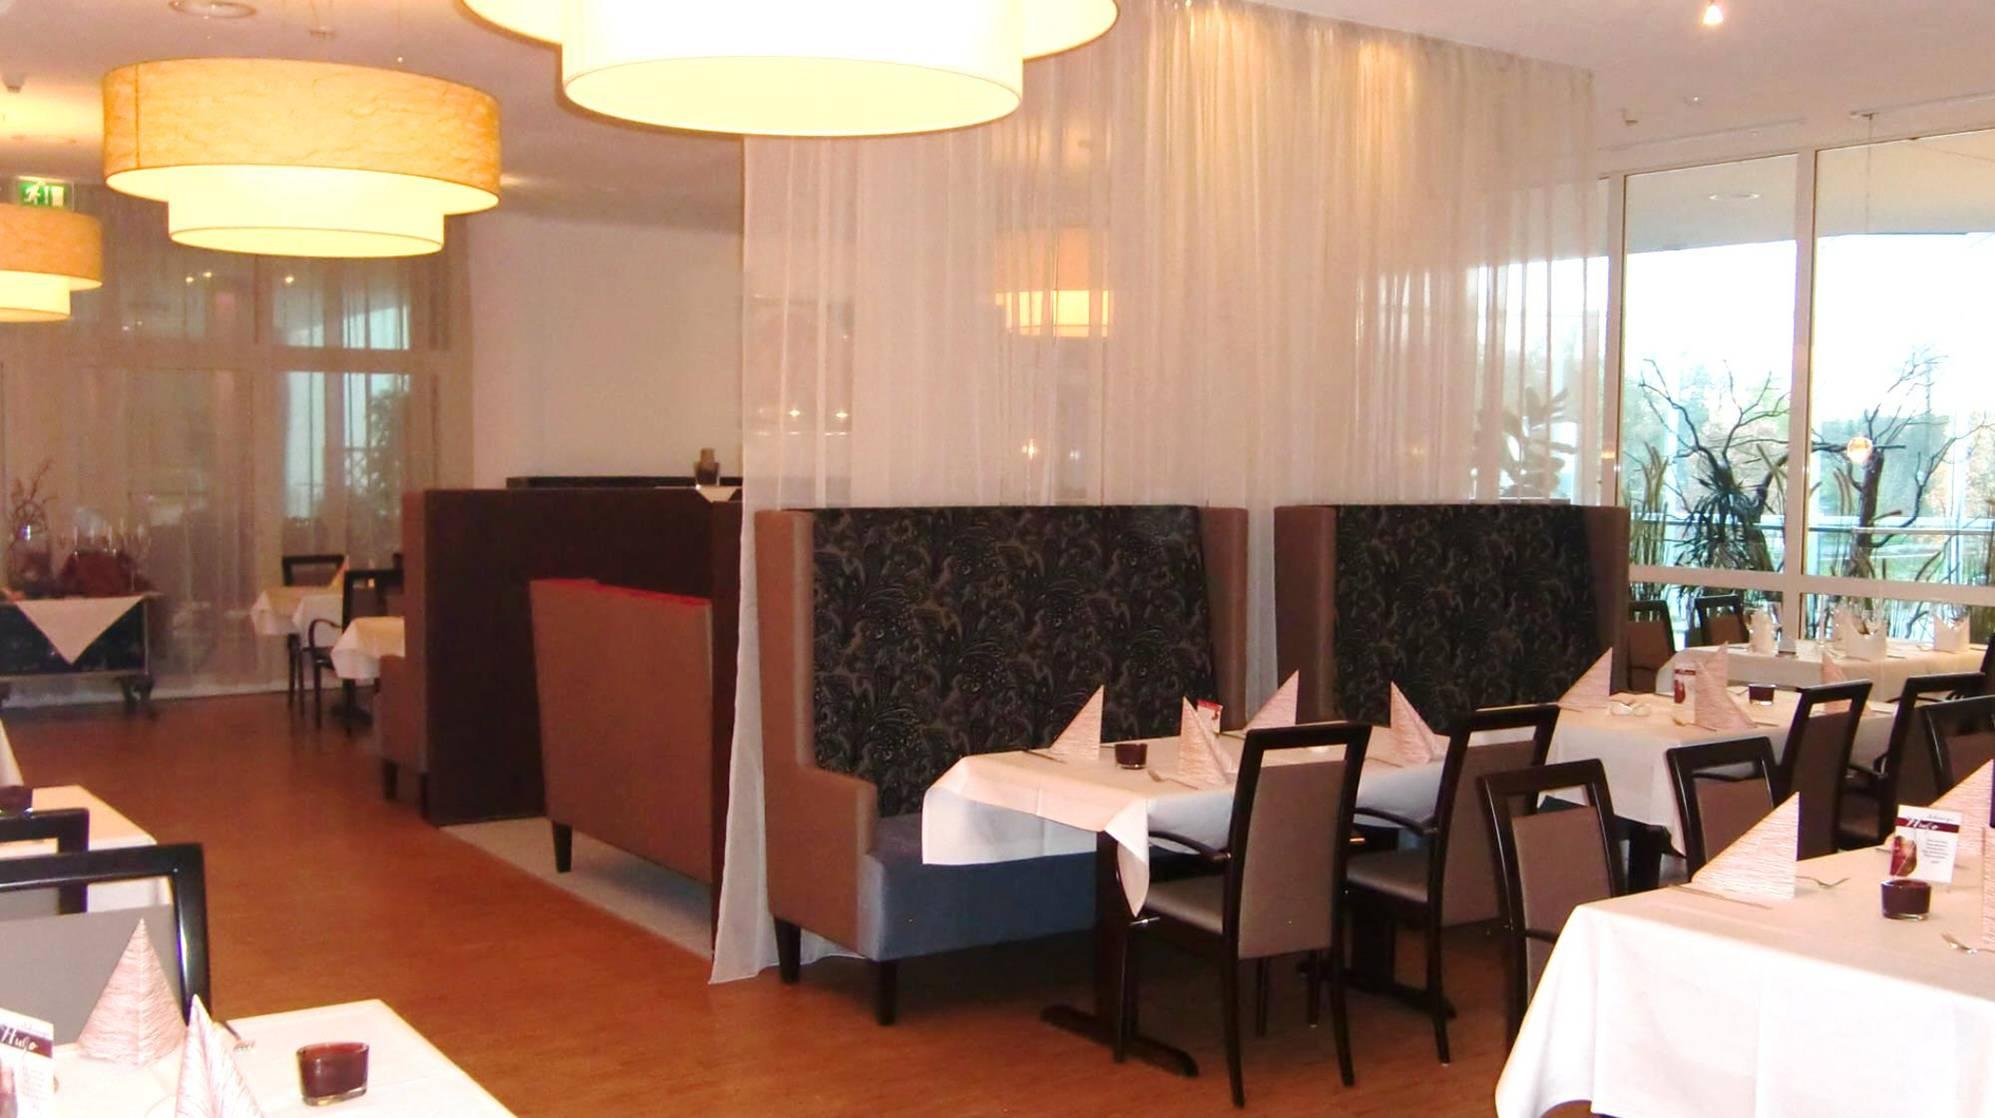 Restaurant LebensArt & Mühlenstube mit Biergarten   Bad Düben